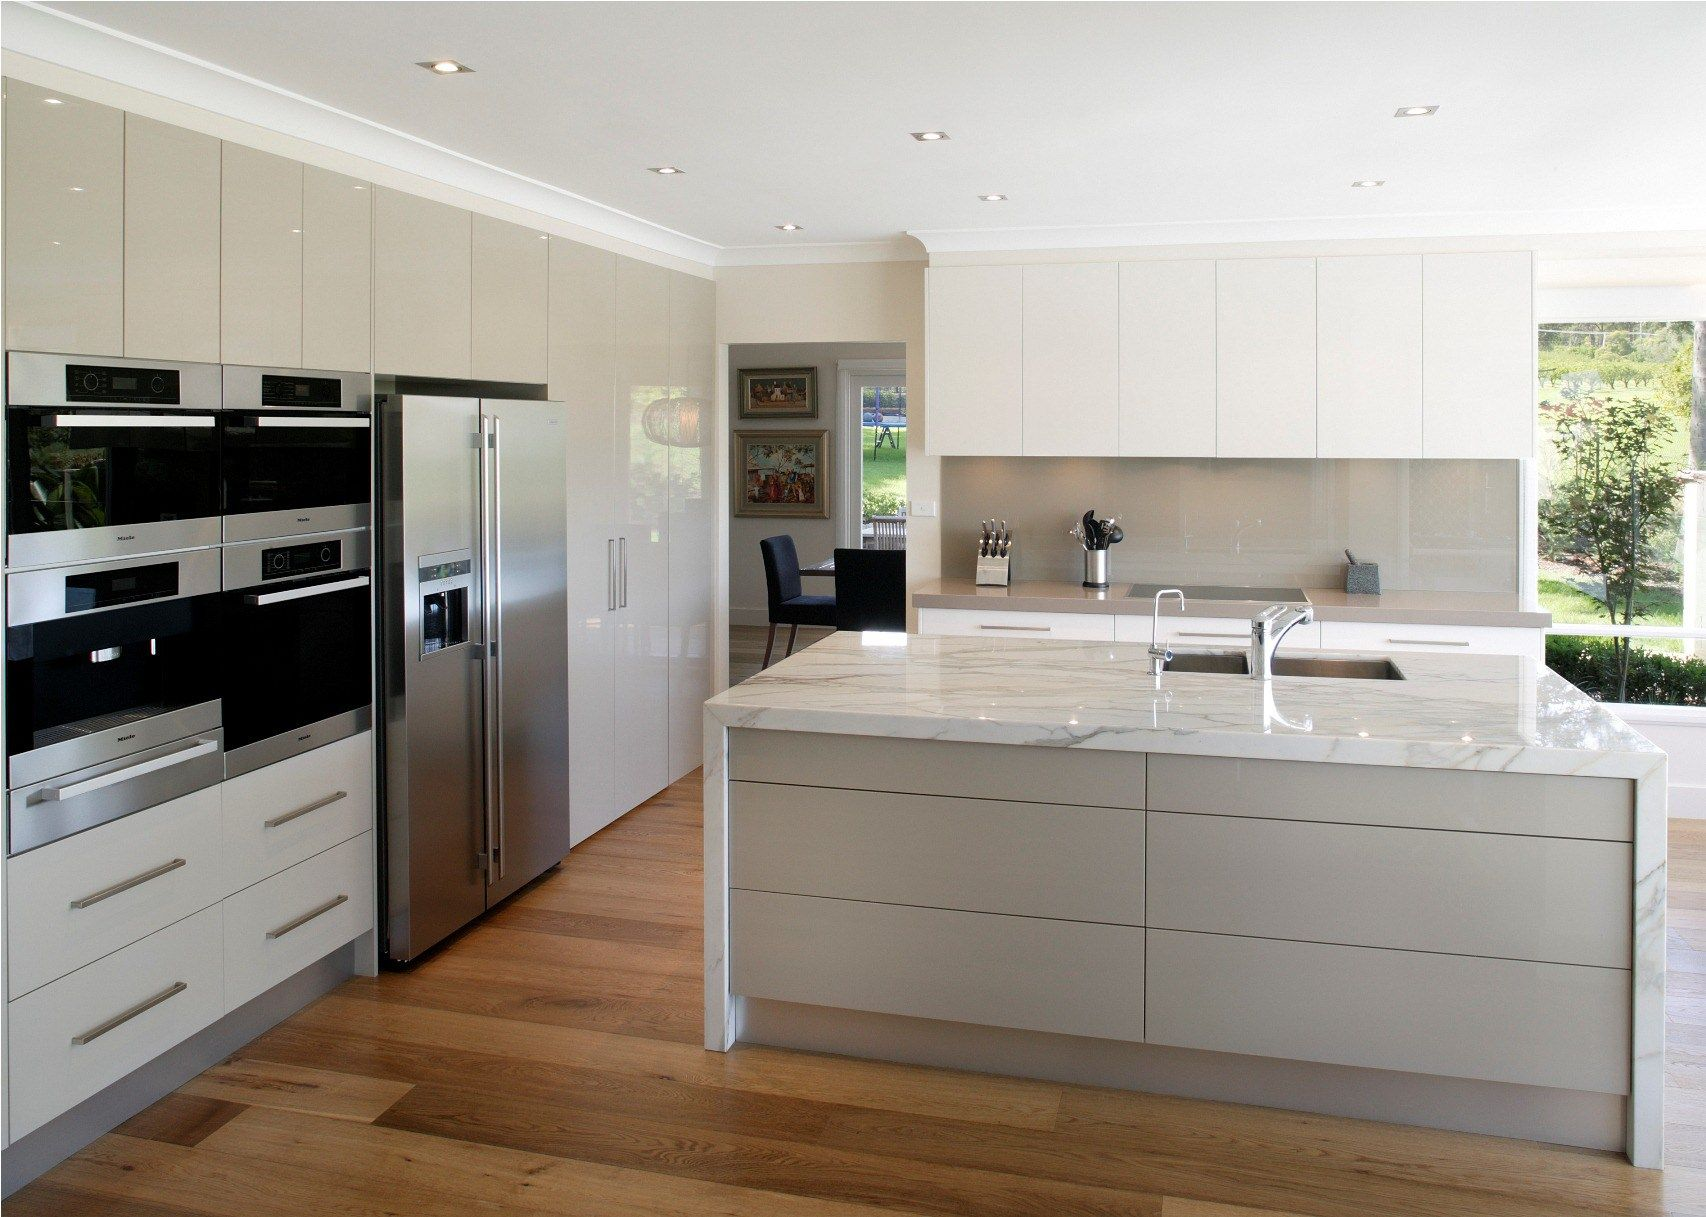 modern design kitchens modern design kitchens pics photos ...